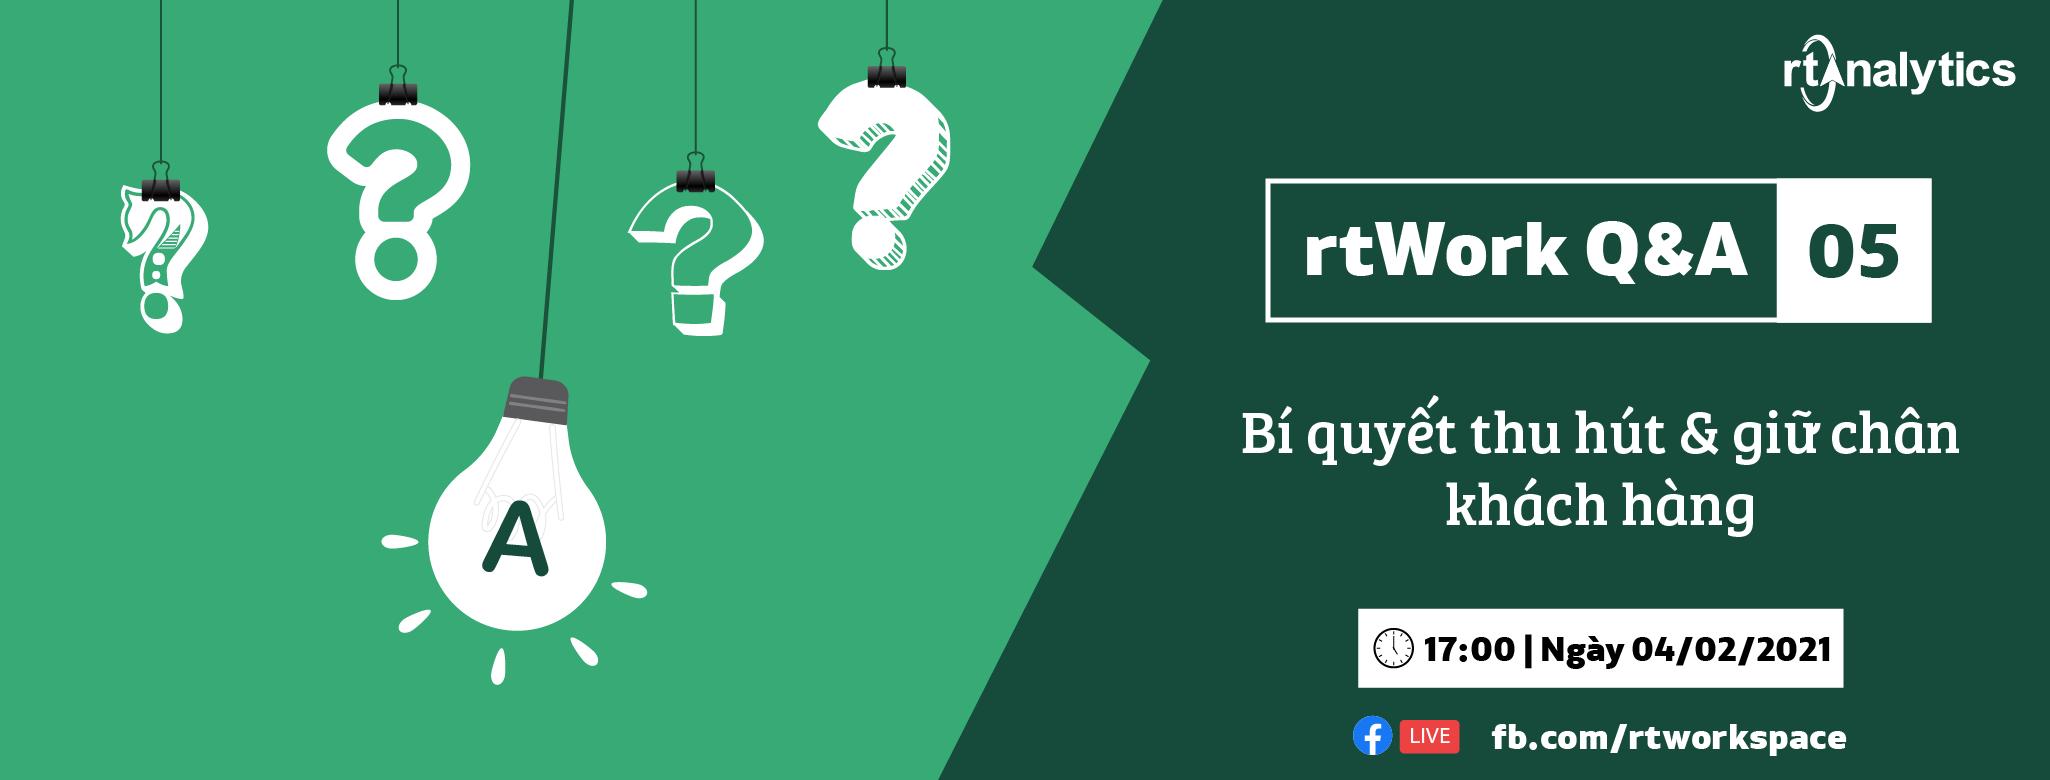 rtWork Q&A 05: Customer service – Bí quyết thu hút & giữ chân khách hàng